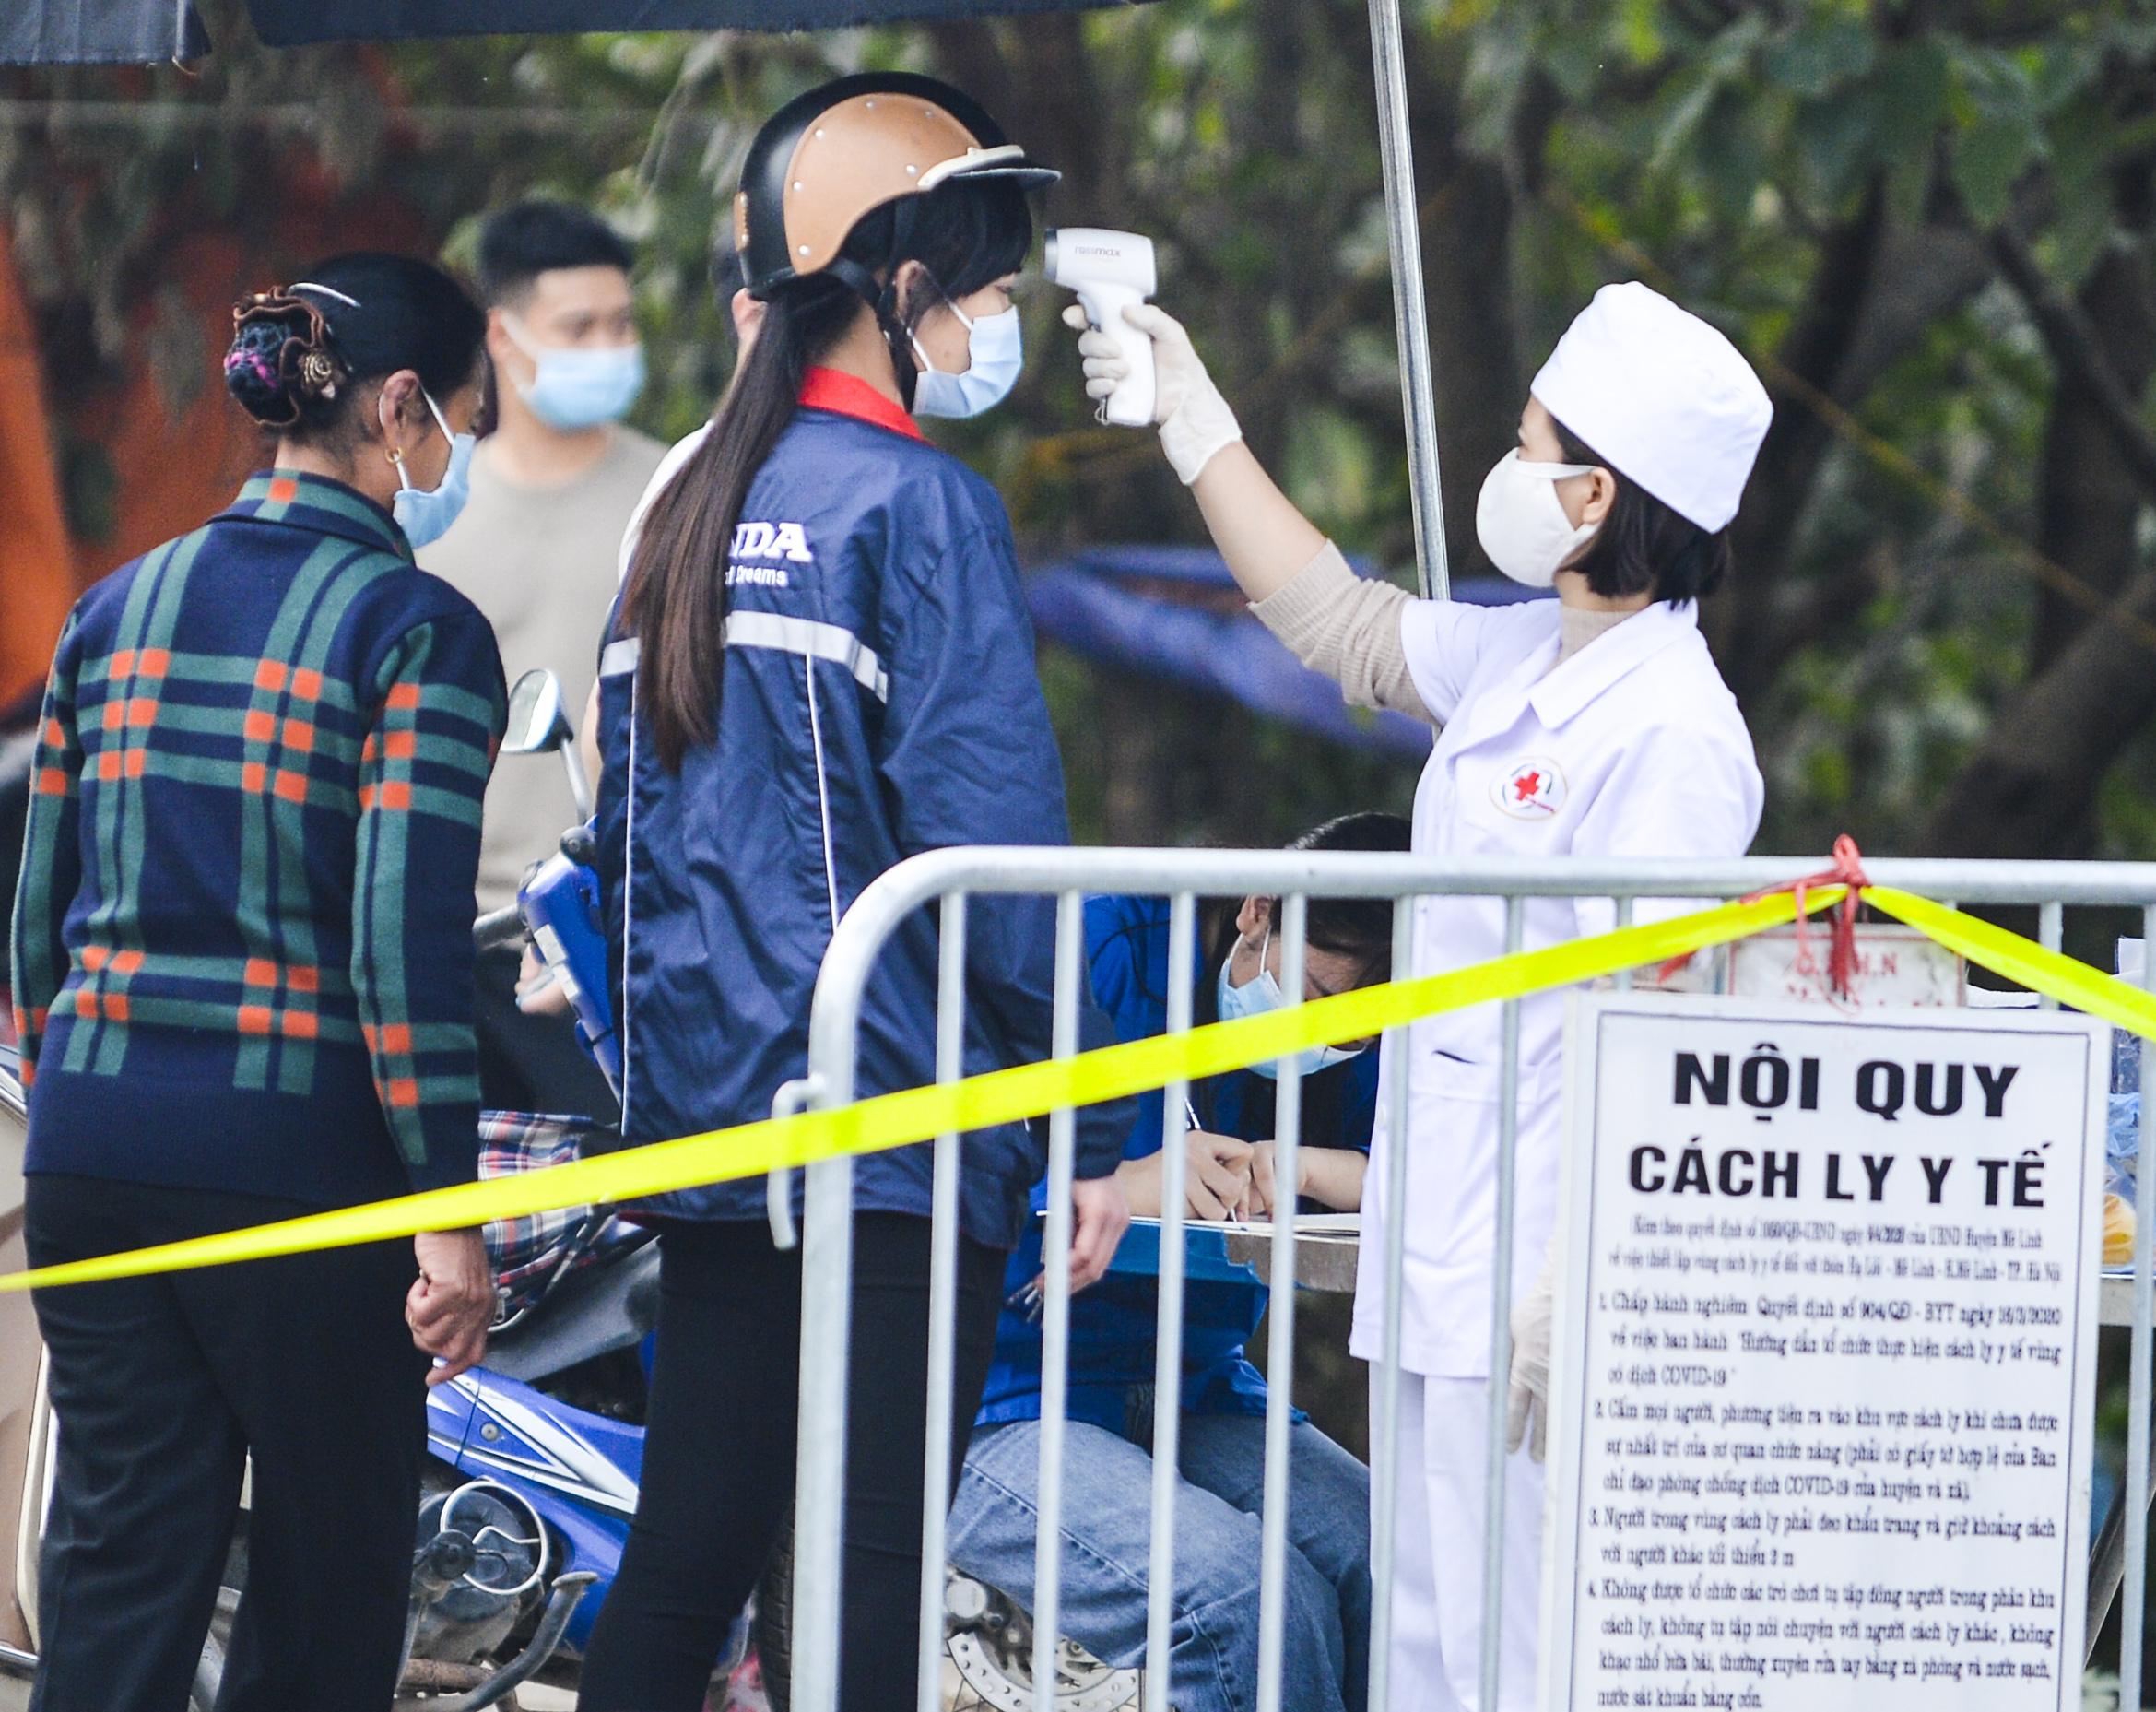 [Ảnh] Xe tuyên truyền phòng, chống COVID-19 ngày đêm đi quanh thôn có người dương tính SARS-CoV-2 ở Hà Nội - Ảnh 1.